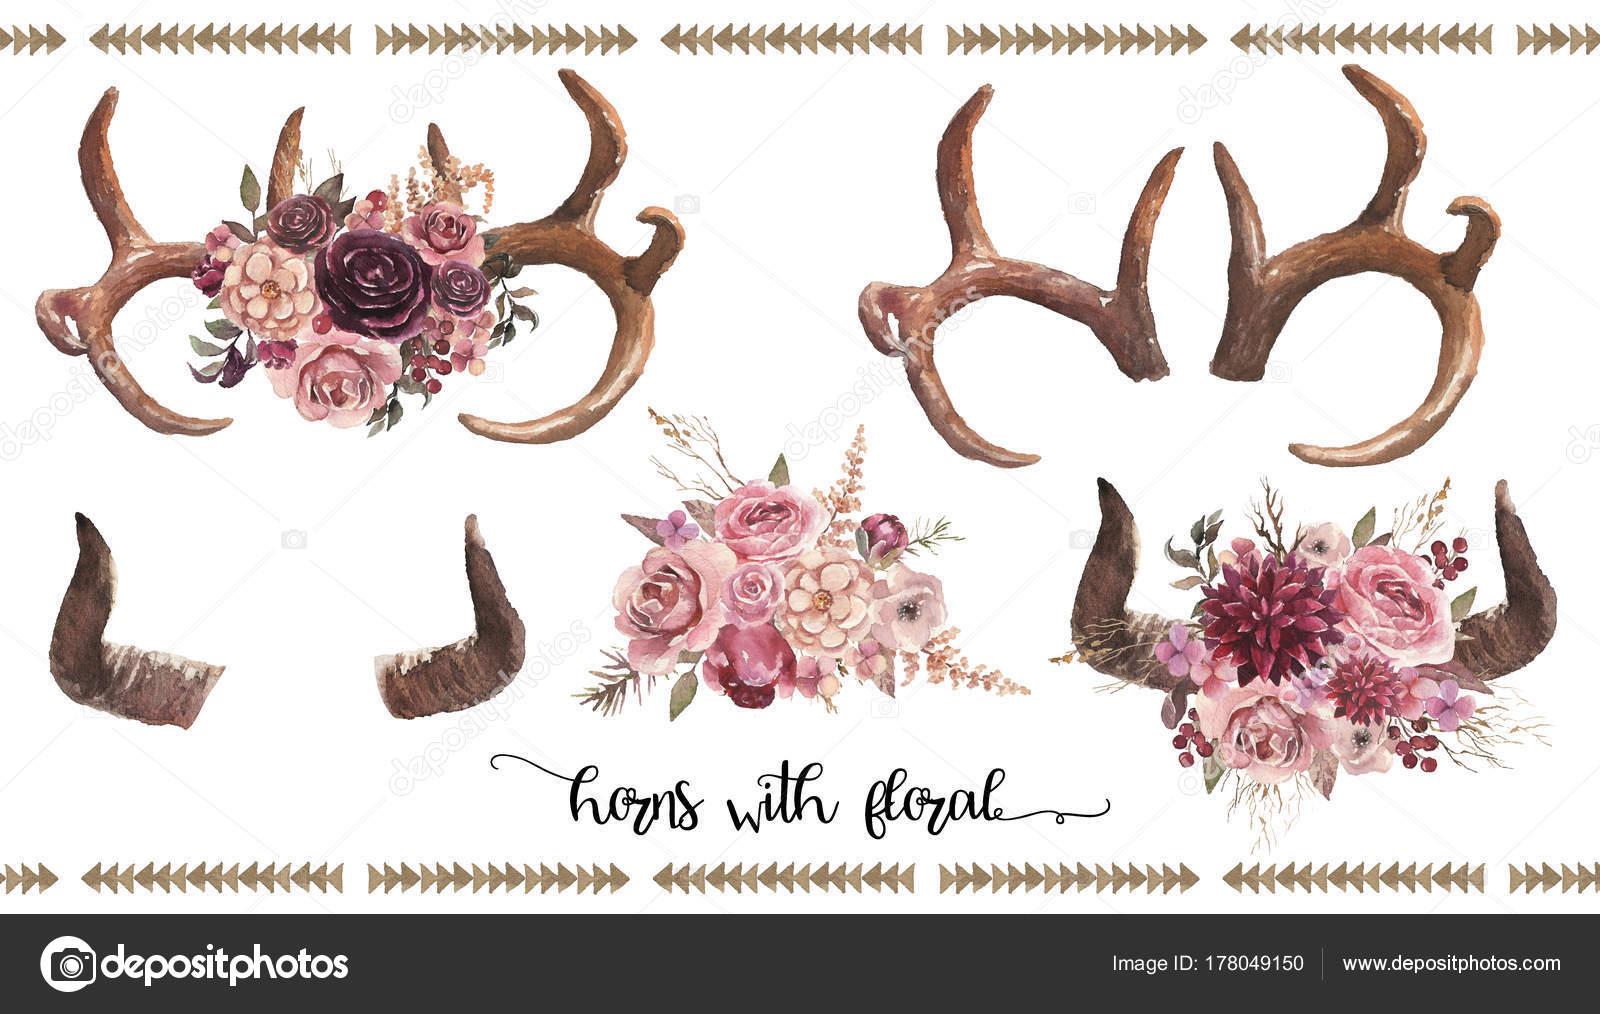 Aquarell Blumen Abbildung Set   Stier / Kuh / Hirsch Hörner U0026 Geweih Mit  Blume Blumensträuße Für Hochzeit, Jubiläum, Geburtstag, Einladungen, ...